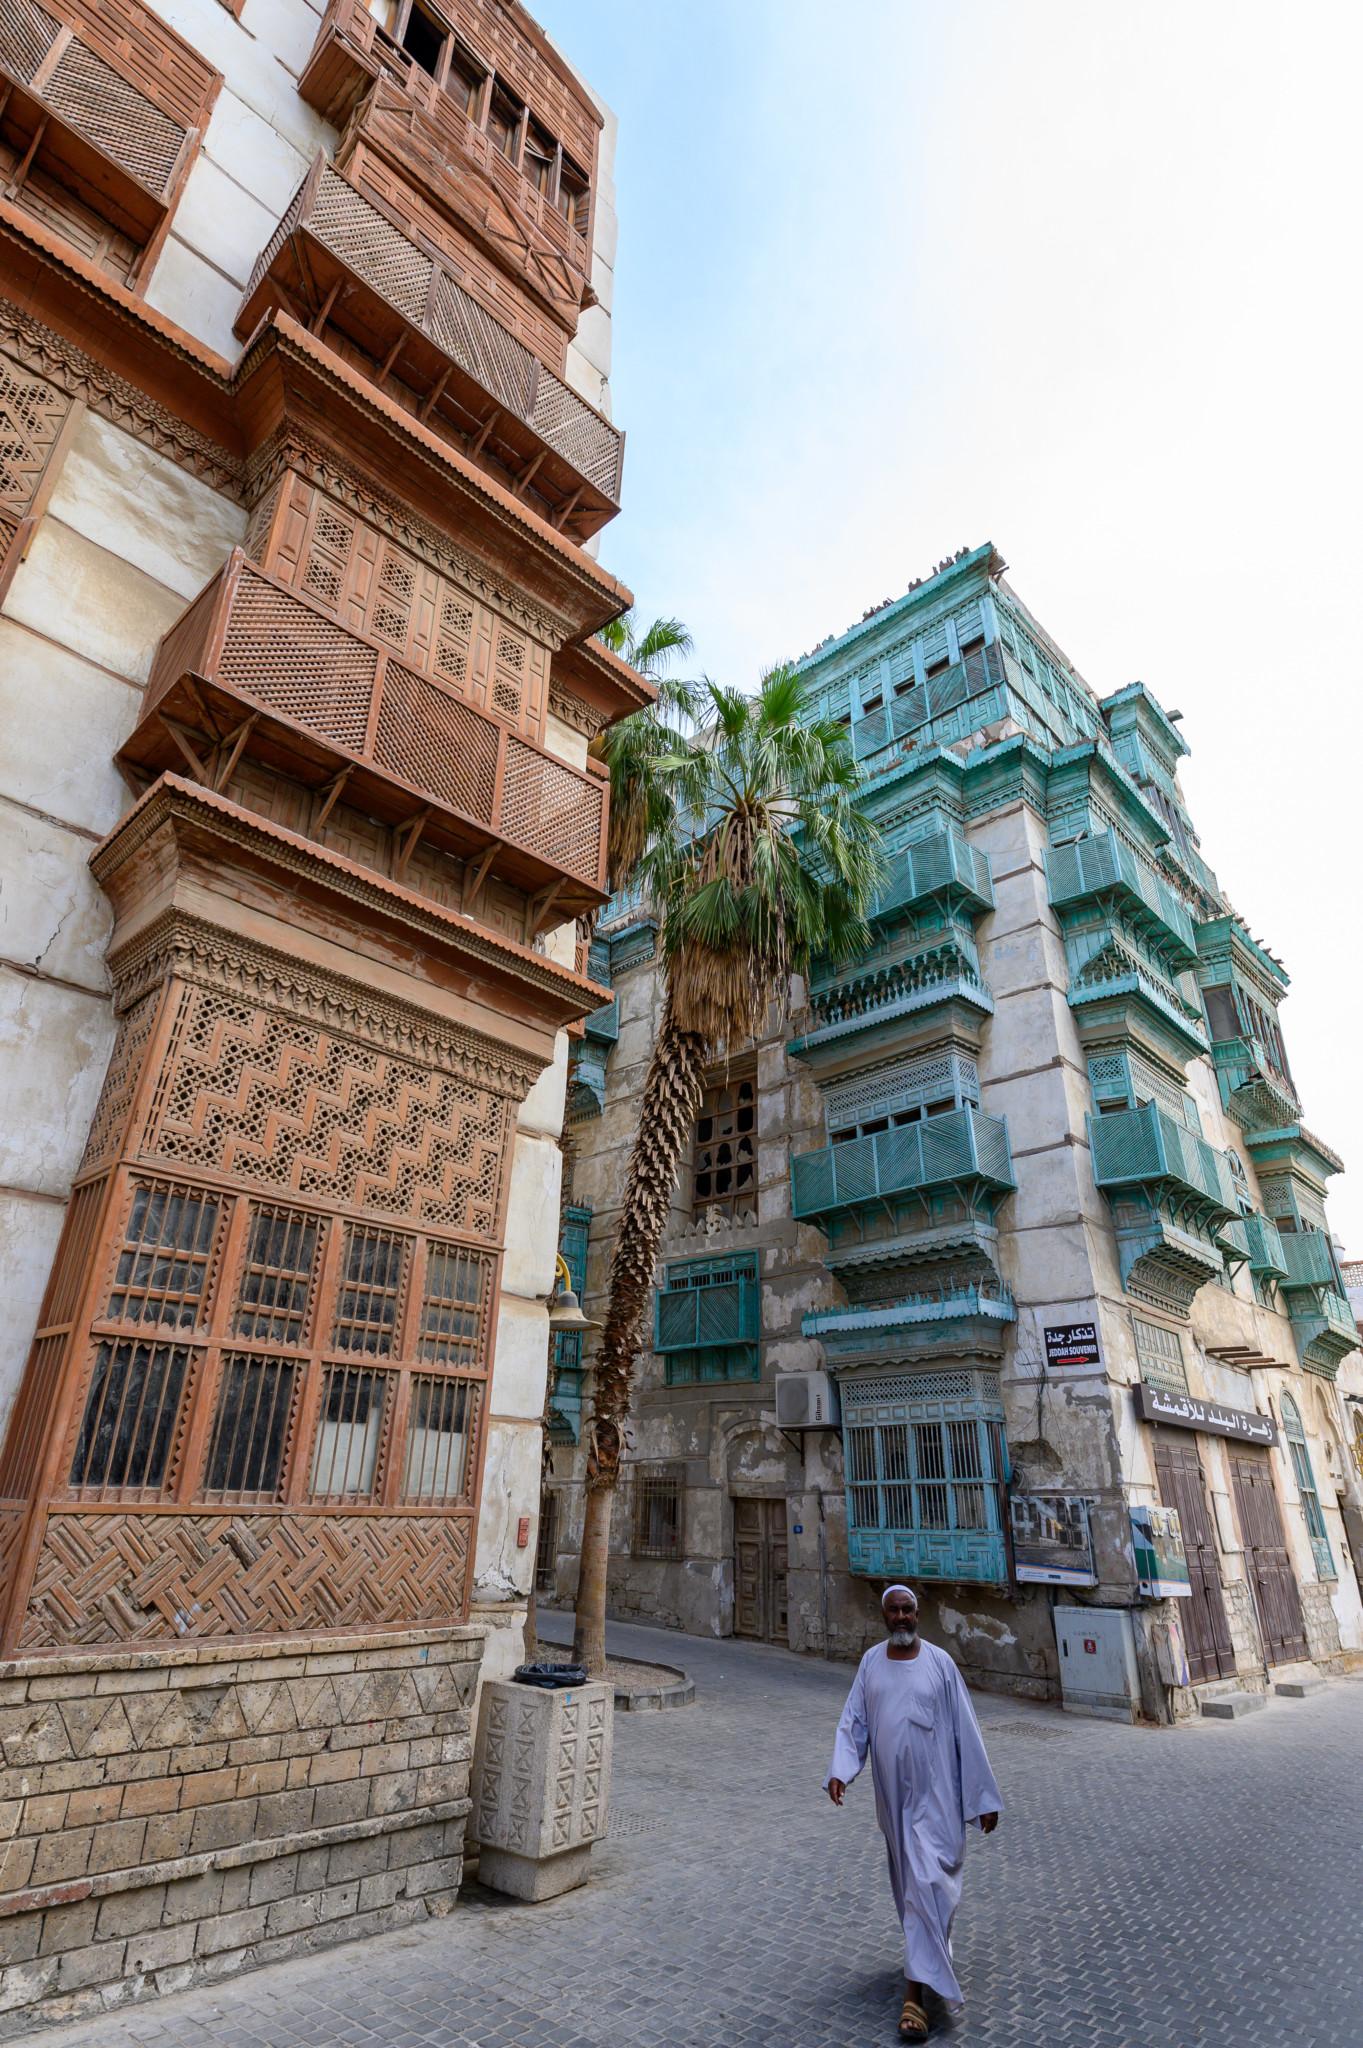 Architektur der Häuser in der Altstadt von Jeddah